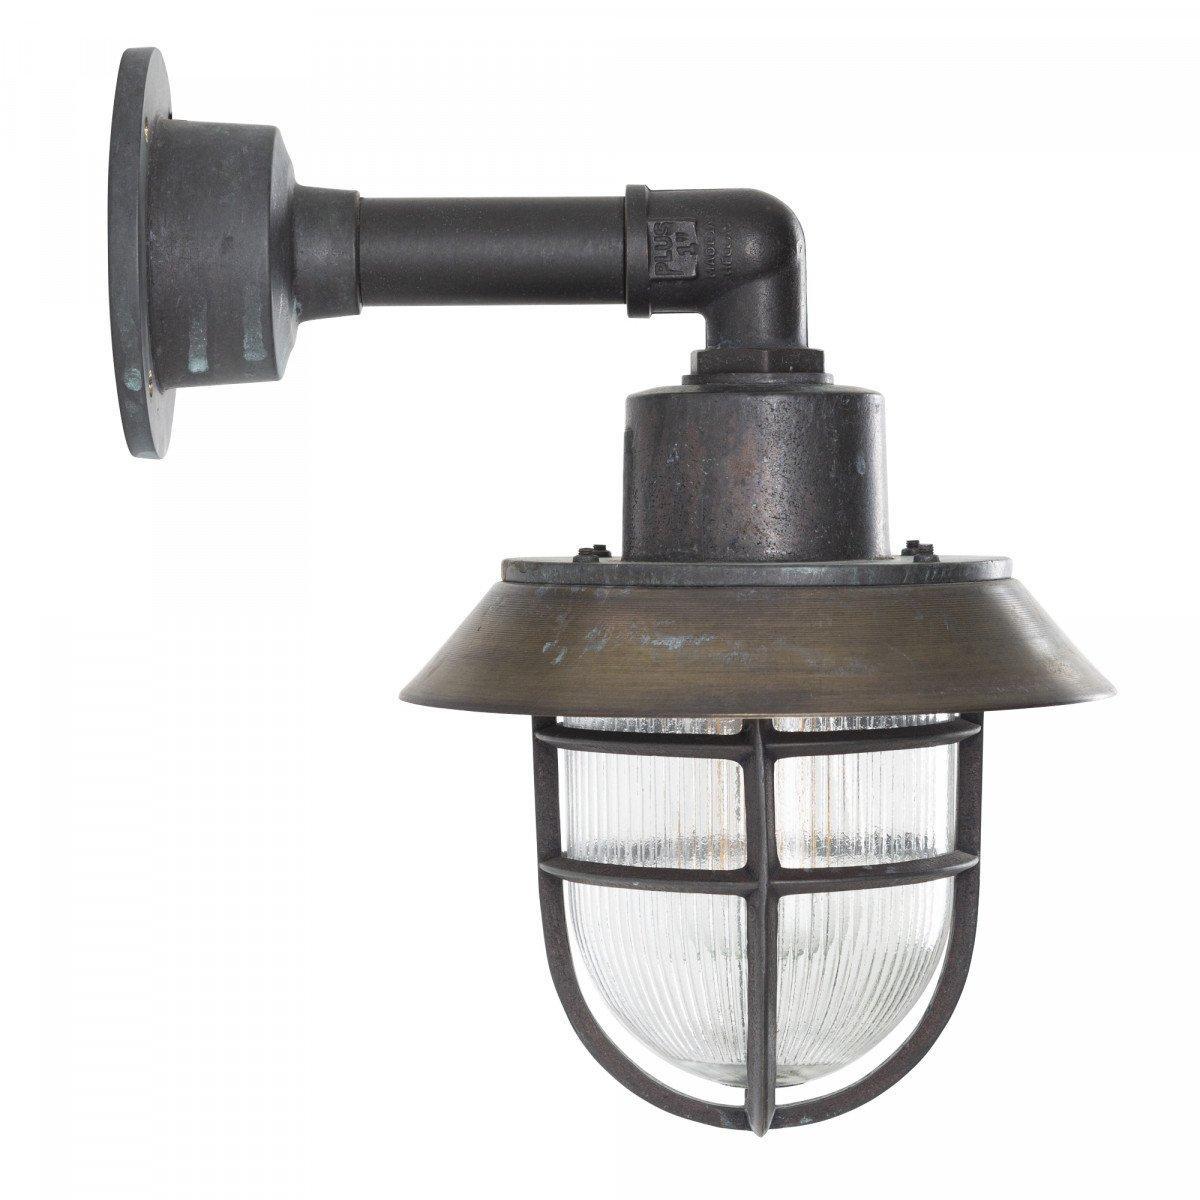 Scheepslamp Dockyard